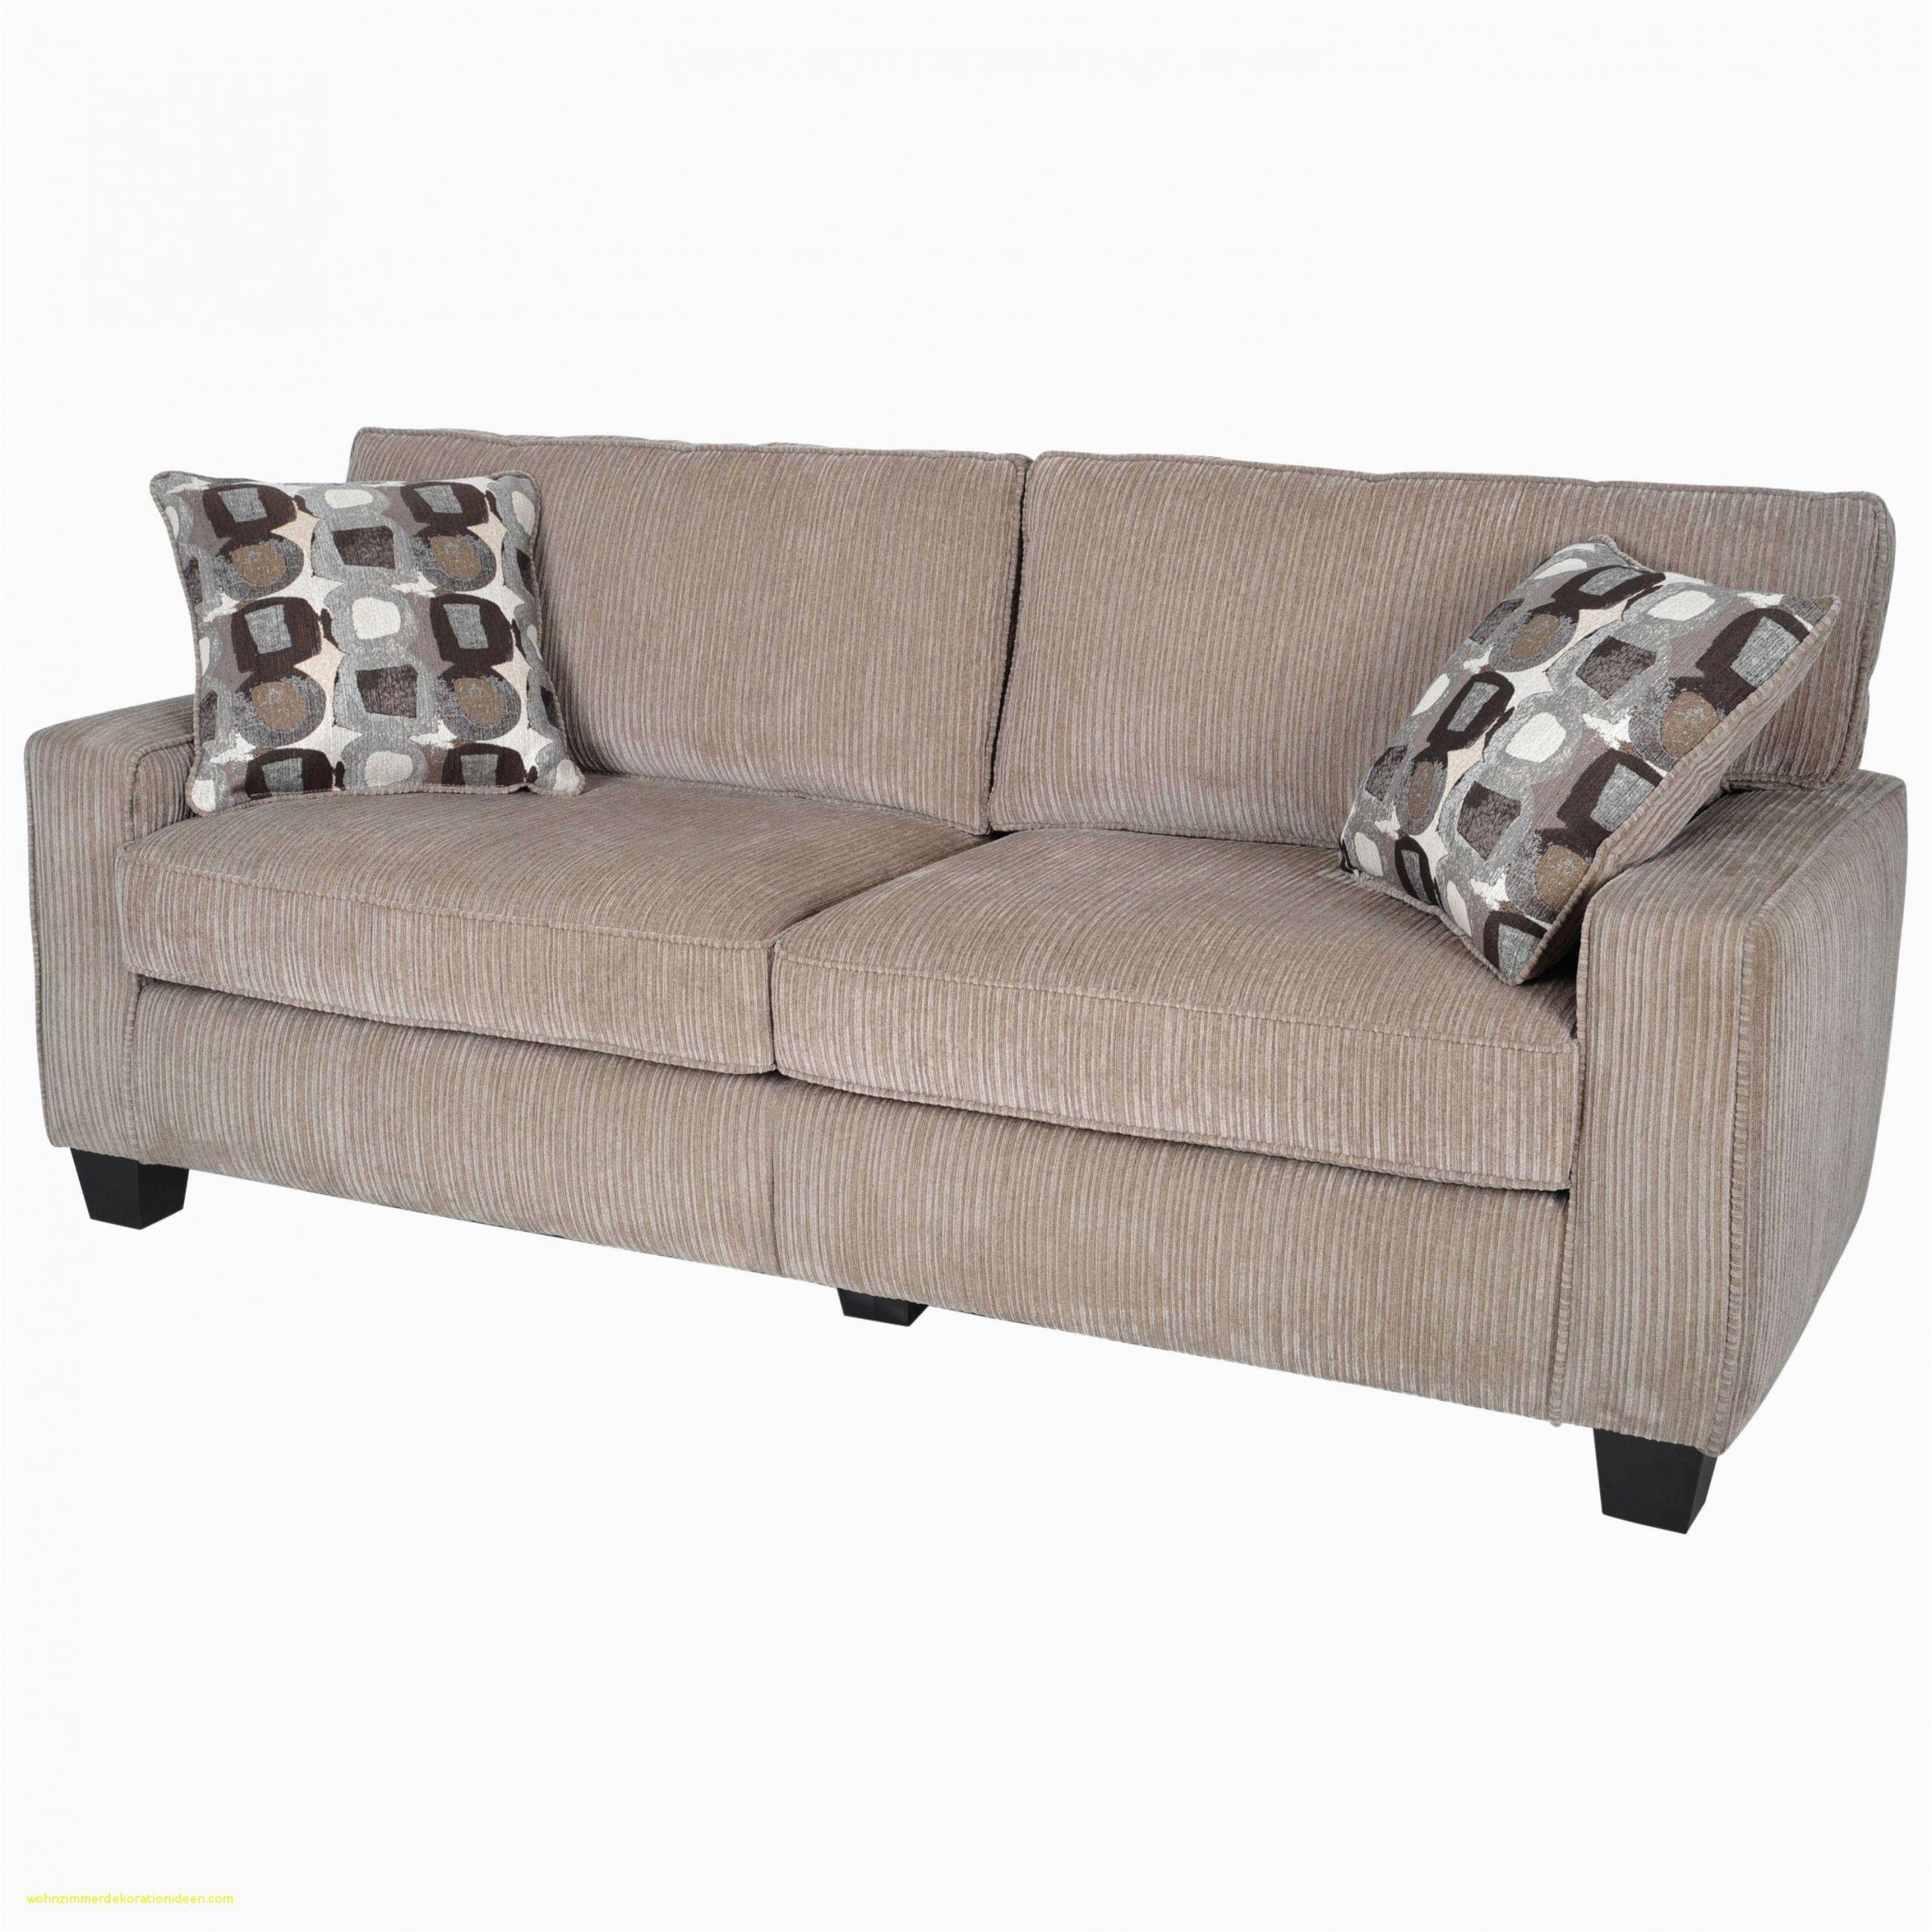 Karlstad Schlafsofa Couch Mit Schlaffunktion Ikea Best Ikea sofa Mit